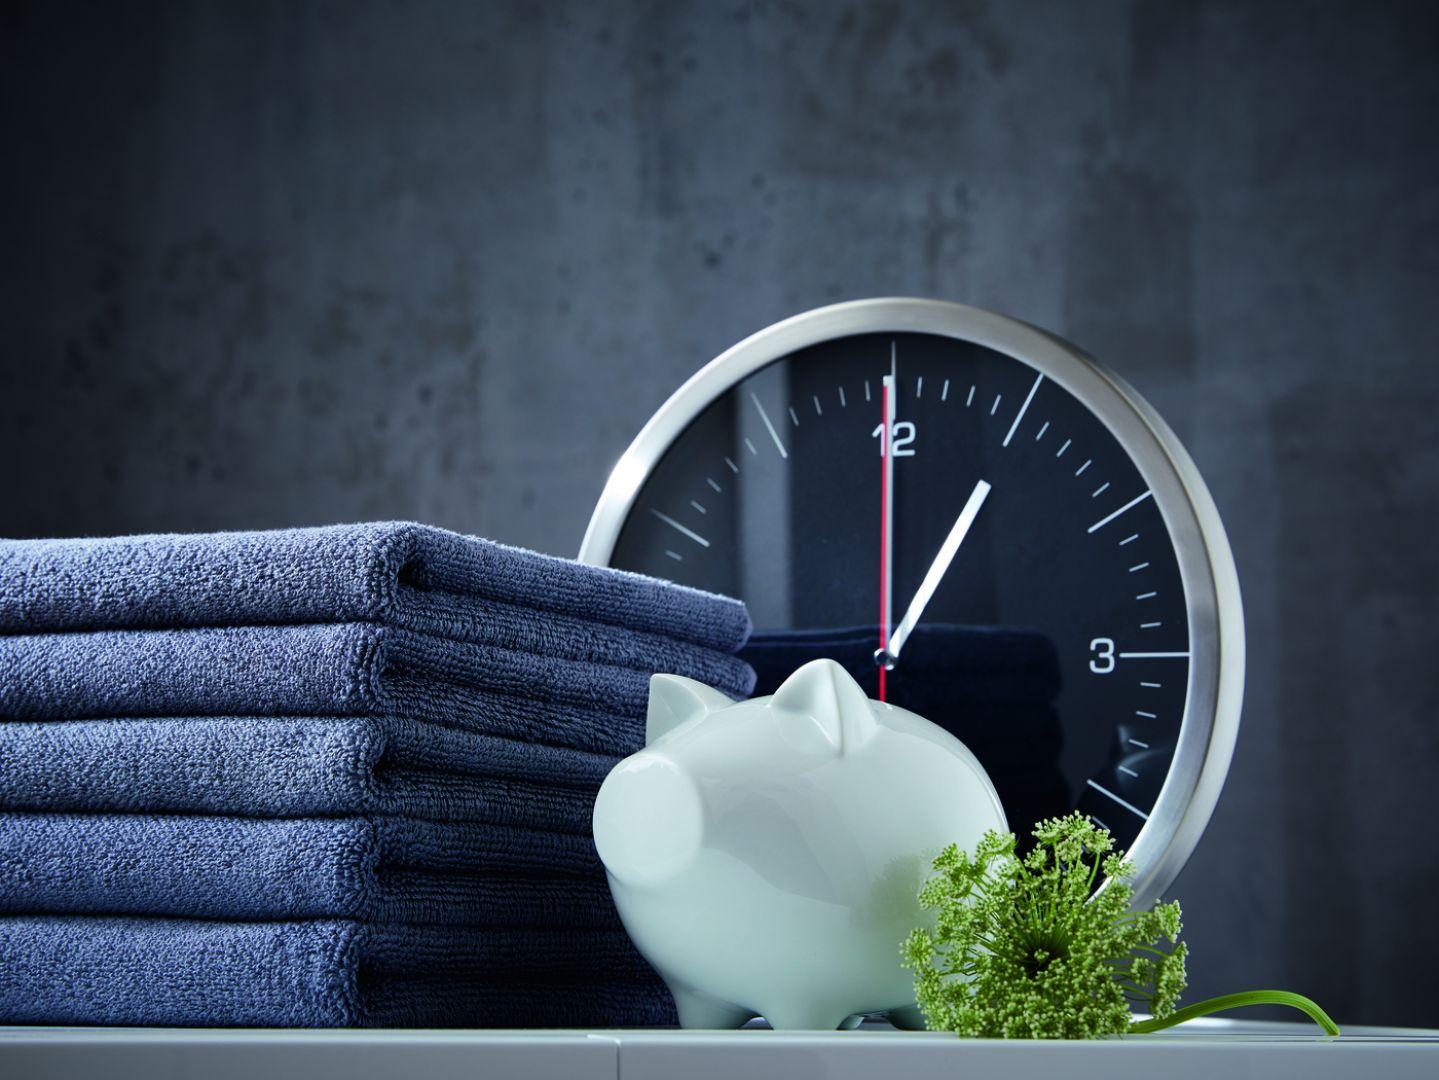 Funkcja AddLoad daje z kolei możliwość dokładania nawet dużych tkanin podczas całego cyklu prania. Fot. Miele